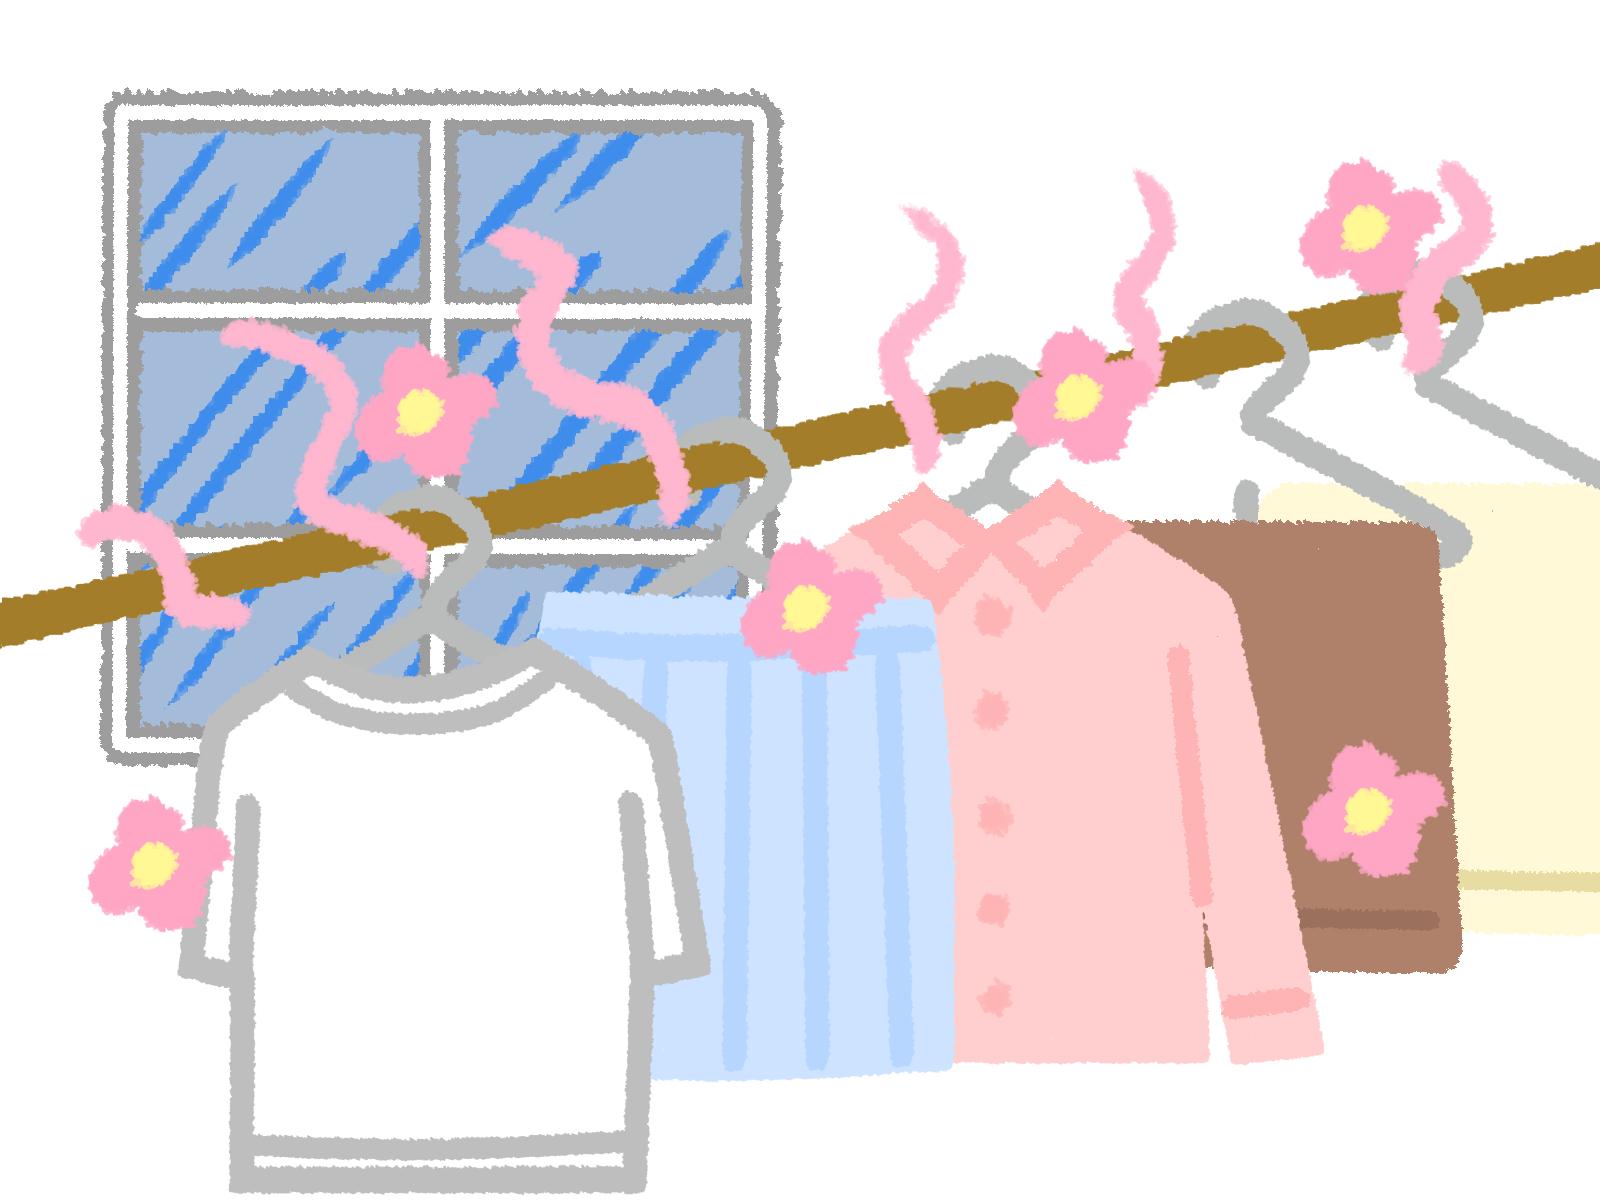 洗濯物の部屋干しのイメージ画像